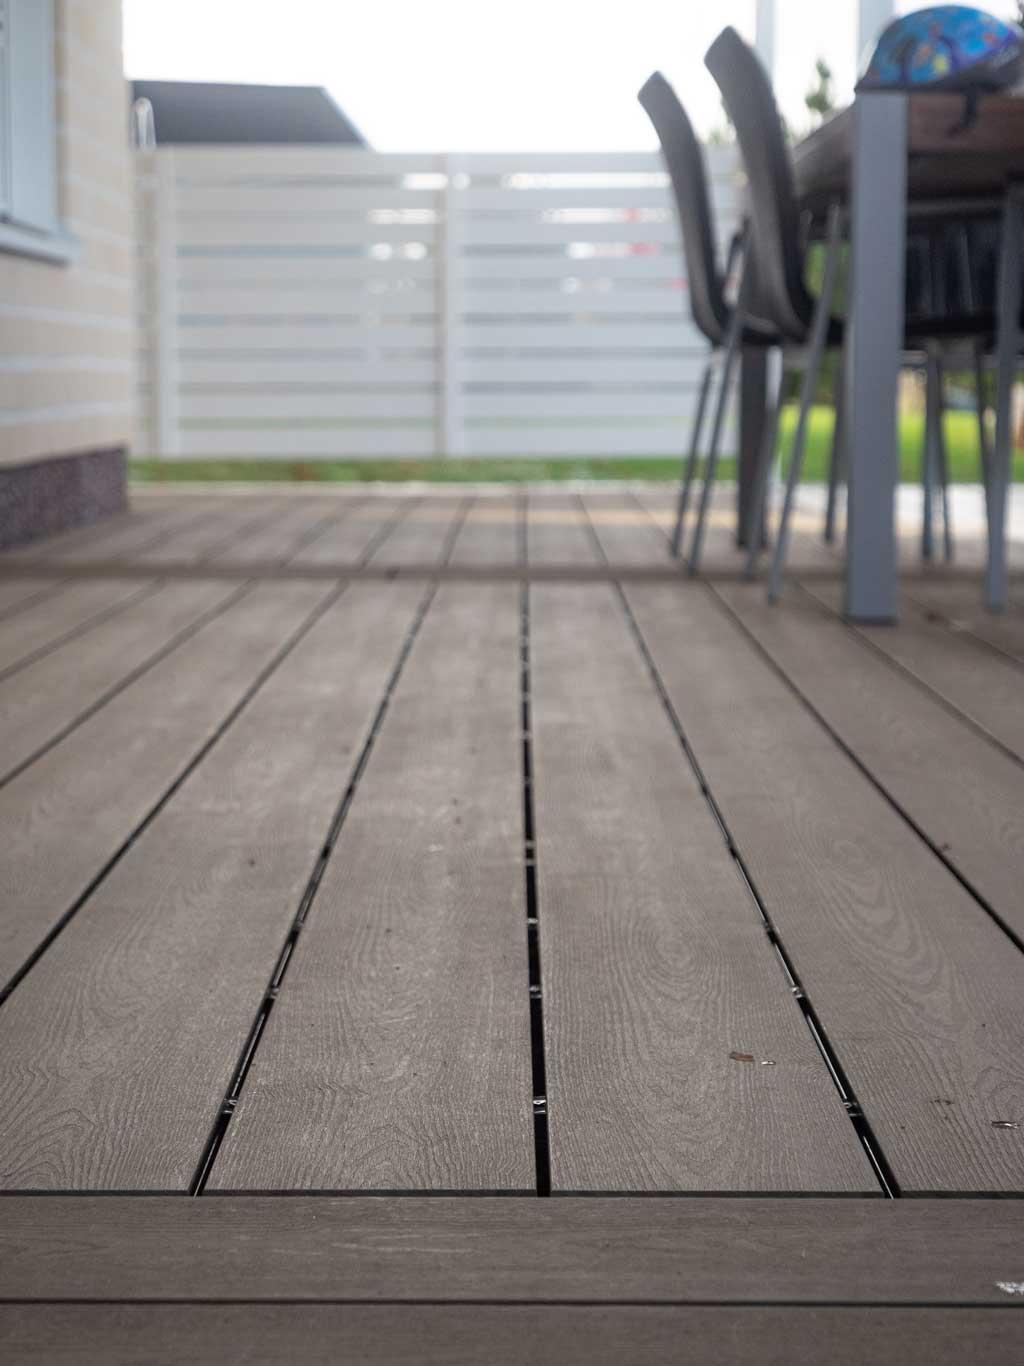 Komposiittilauta on kaunis ja kestävä materiaali terassilaudaksi. Jotta se pysyy siistinä, on pinnat puhdistettava säännöllisesti.